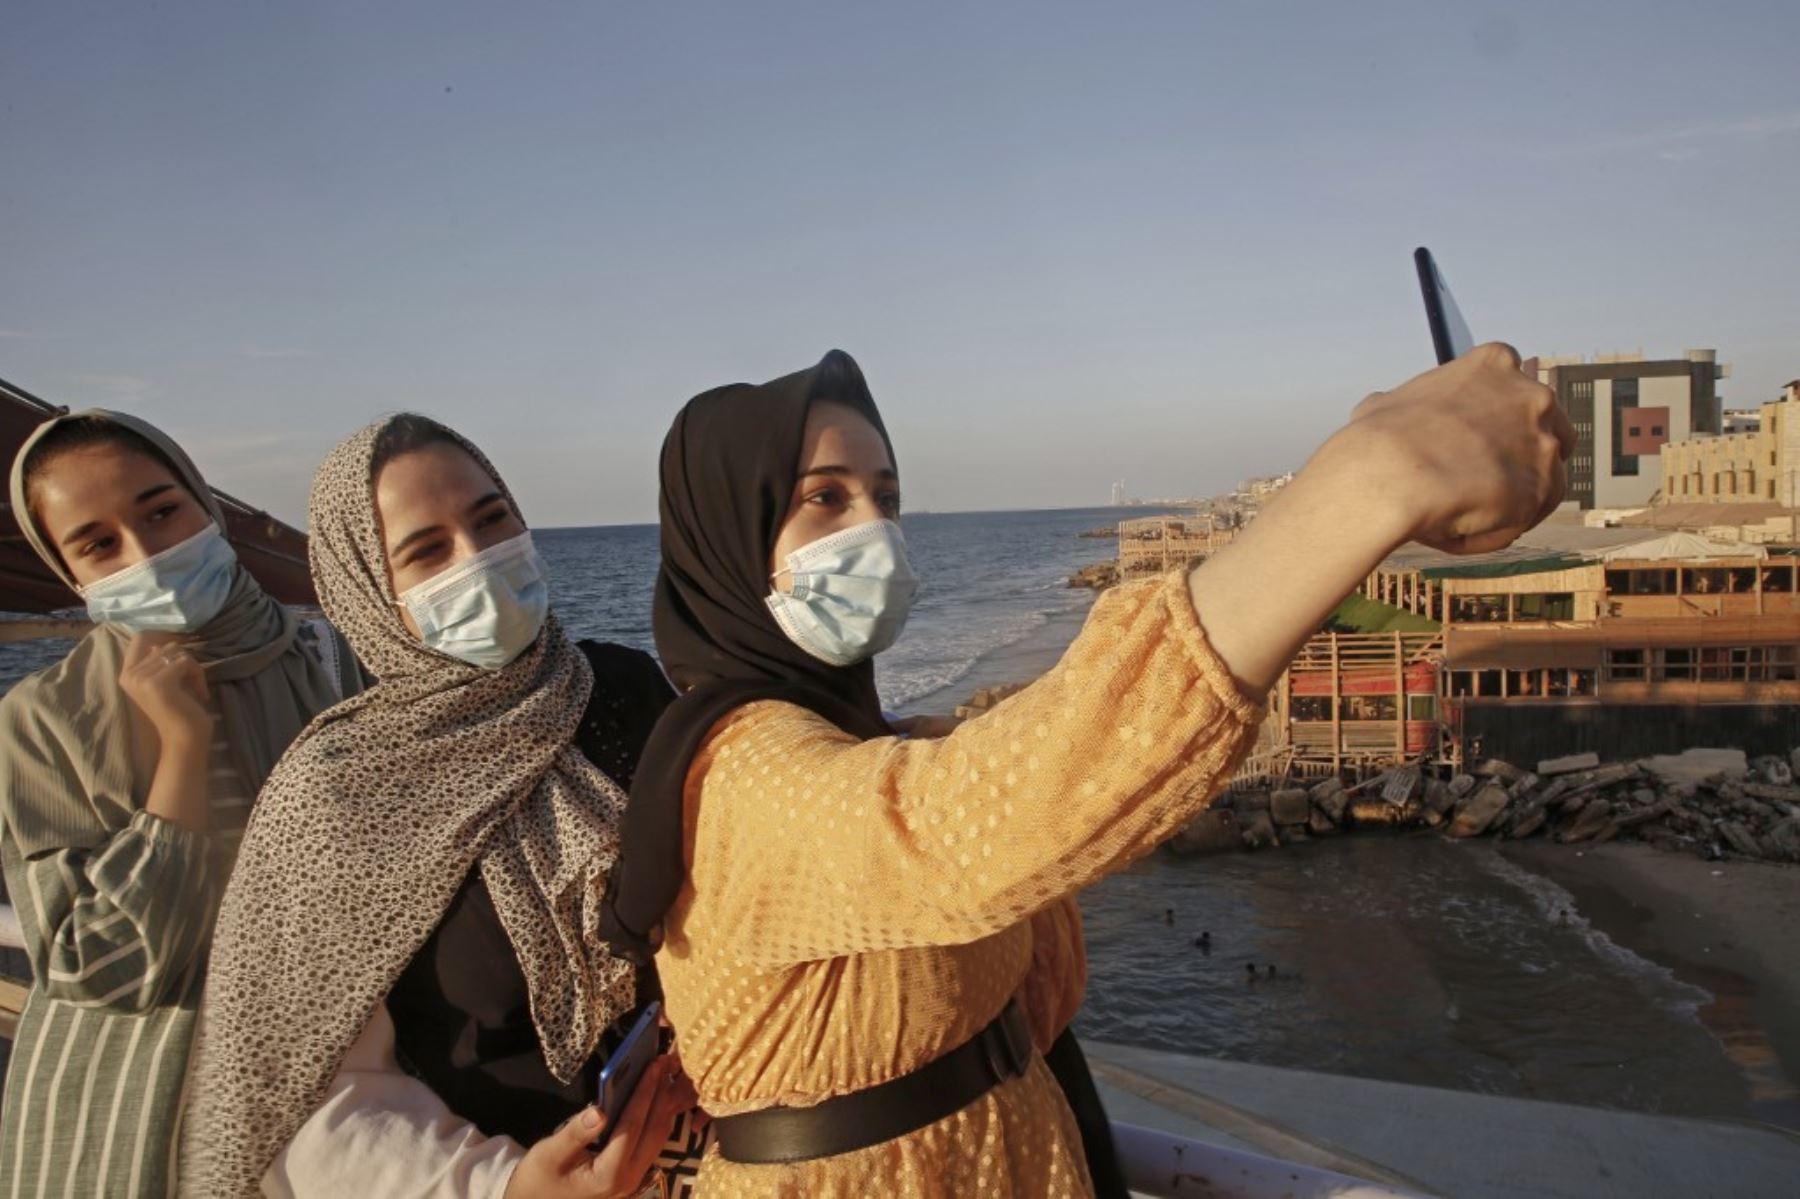 Mujeres palestinas se toman una selfie al atardecer en la ciudad de Gaza en medio de estrictas restricciones debido a la pandemia de COVID-19 el 12 de octubre de 2020. Foto: AFP